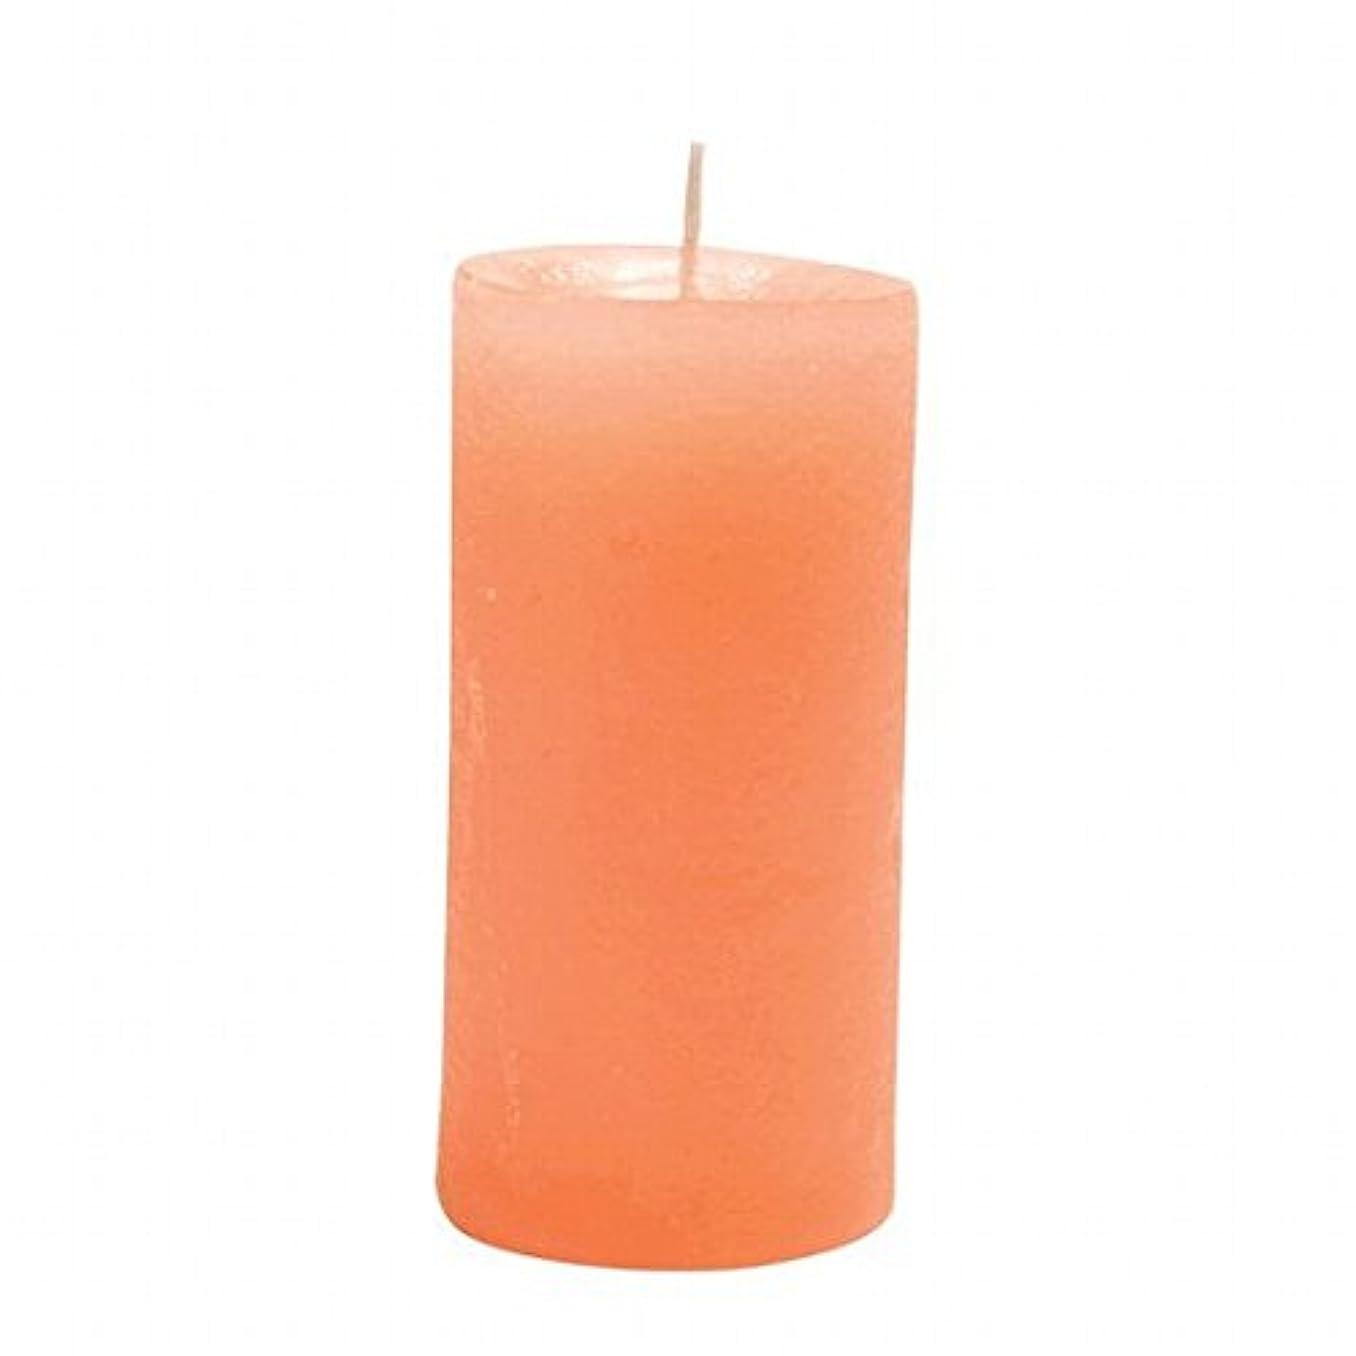 戦争ボウル凶暴なヤンキーキャンドル( YANKEE CANDLE ) ラスティクピラー50×100 「 オレンジ 」